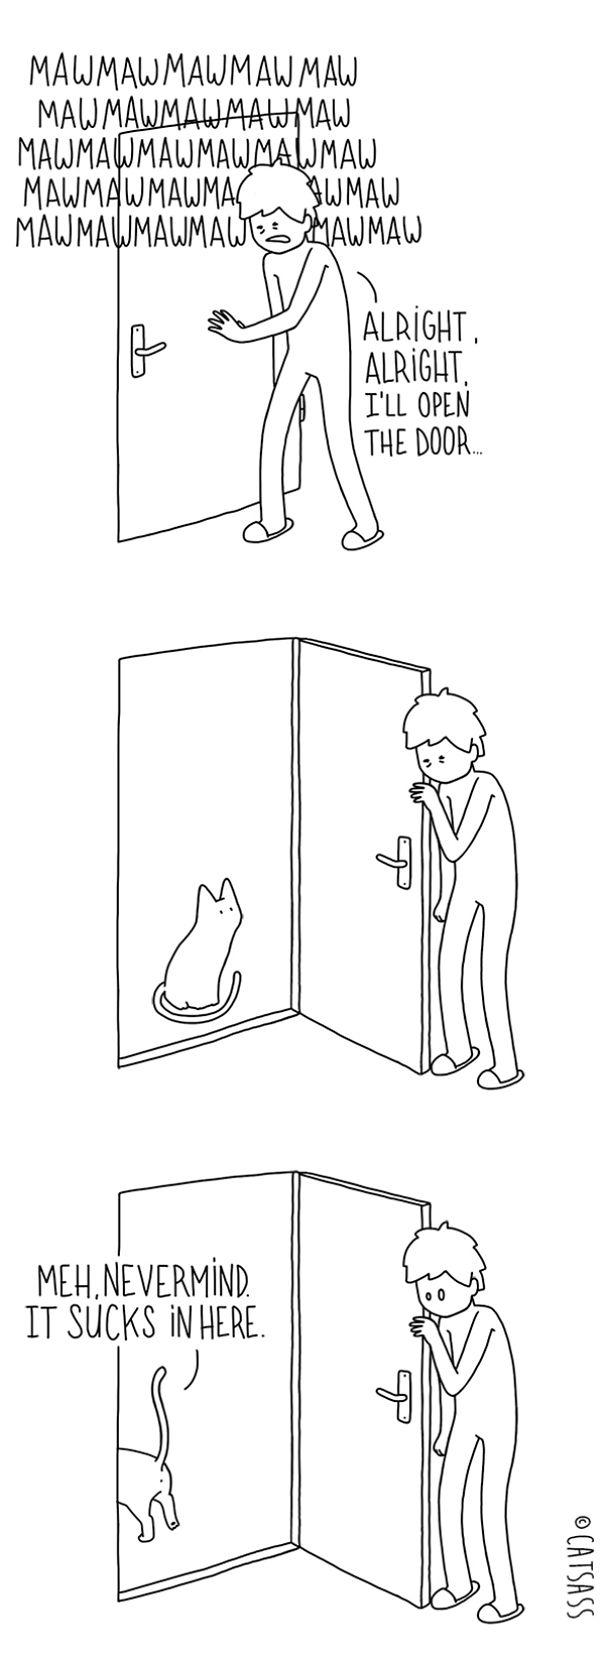 mean-cat-comic-strip-catsass-claude-combacau-12